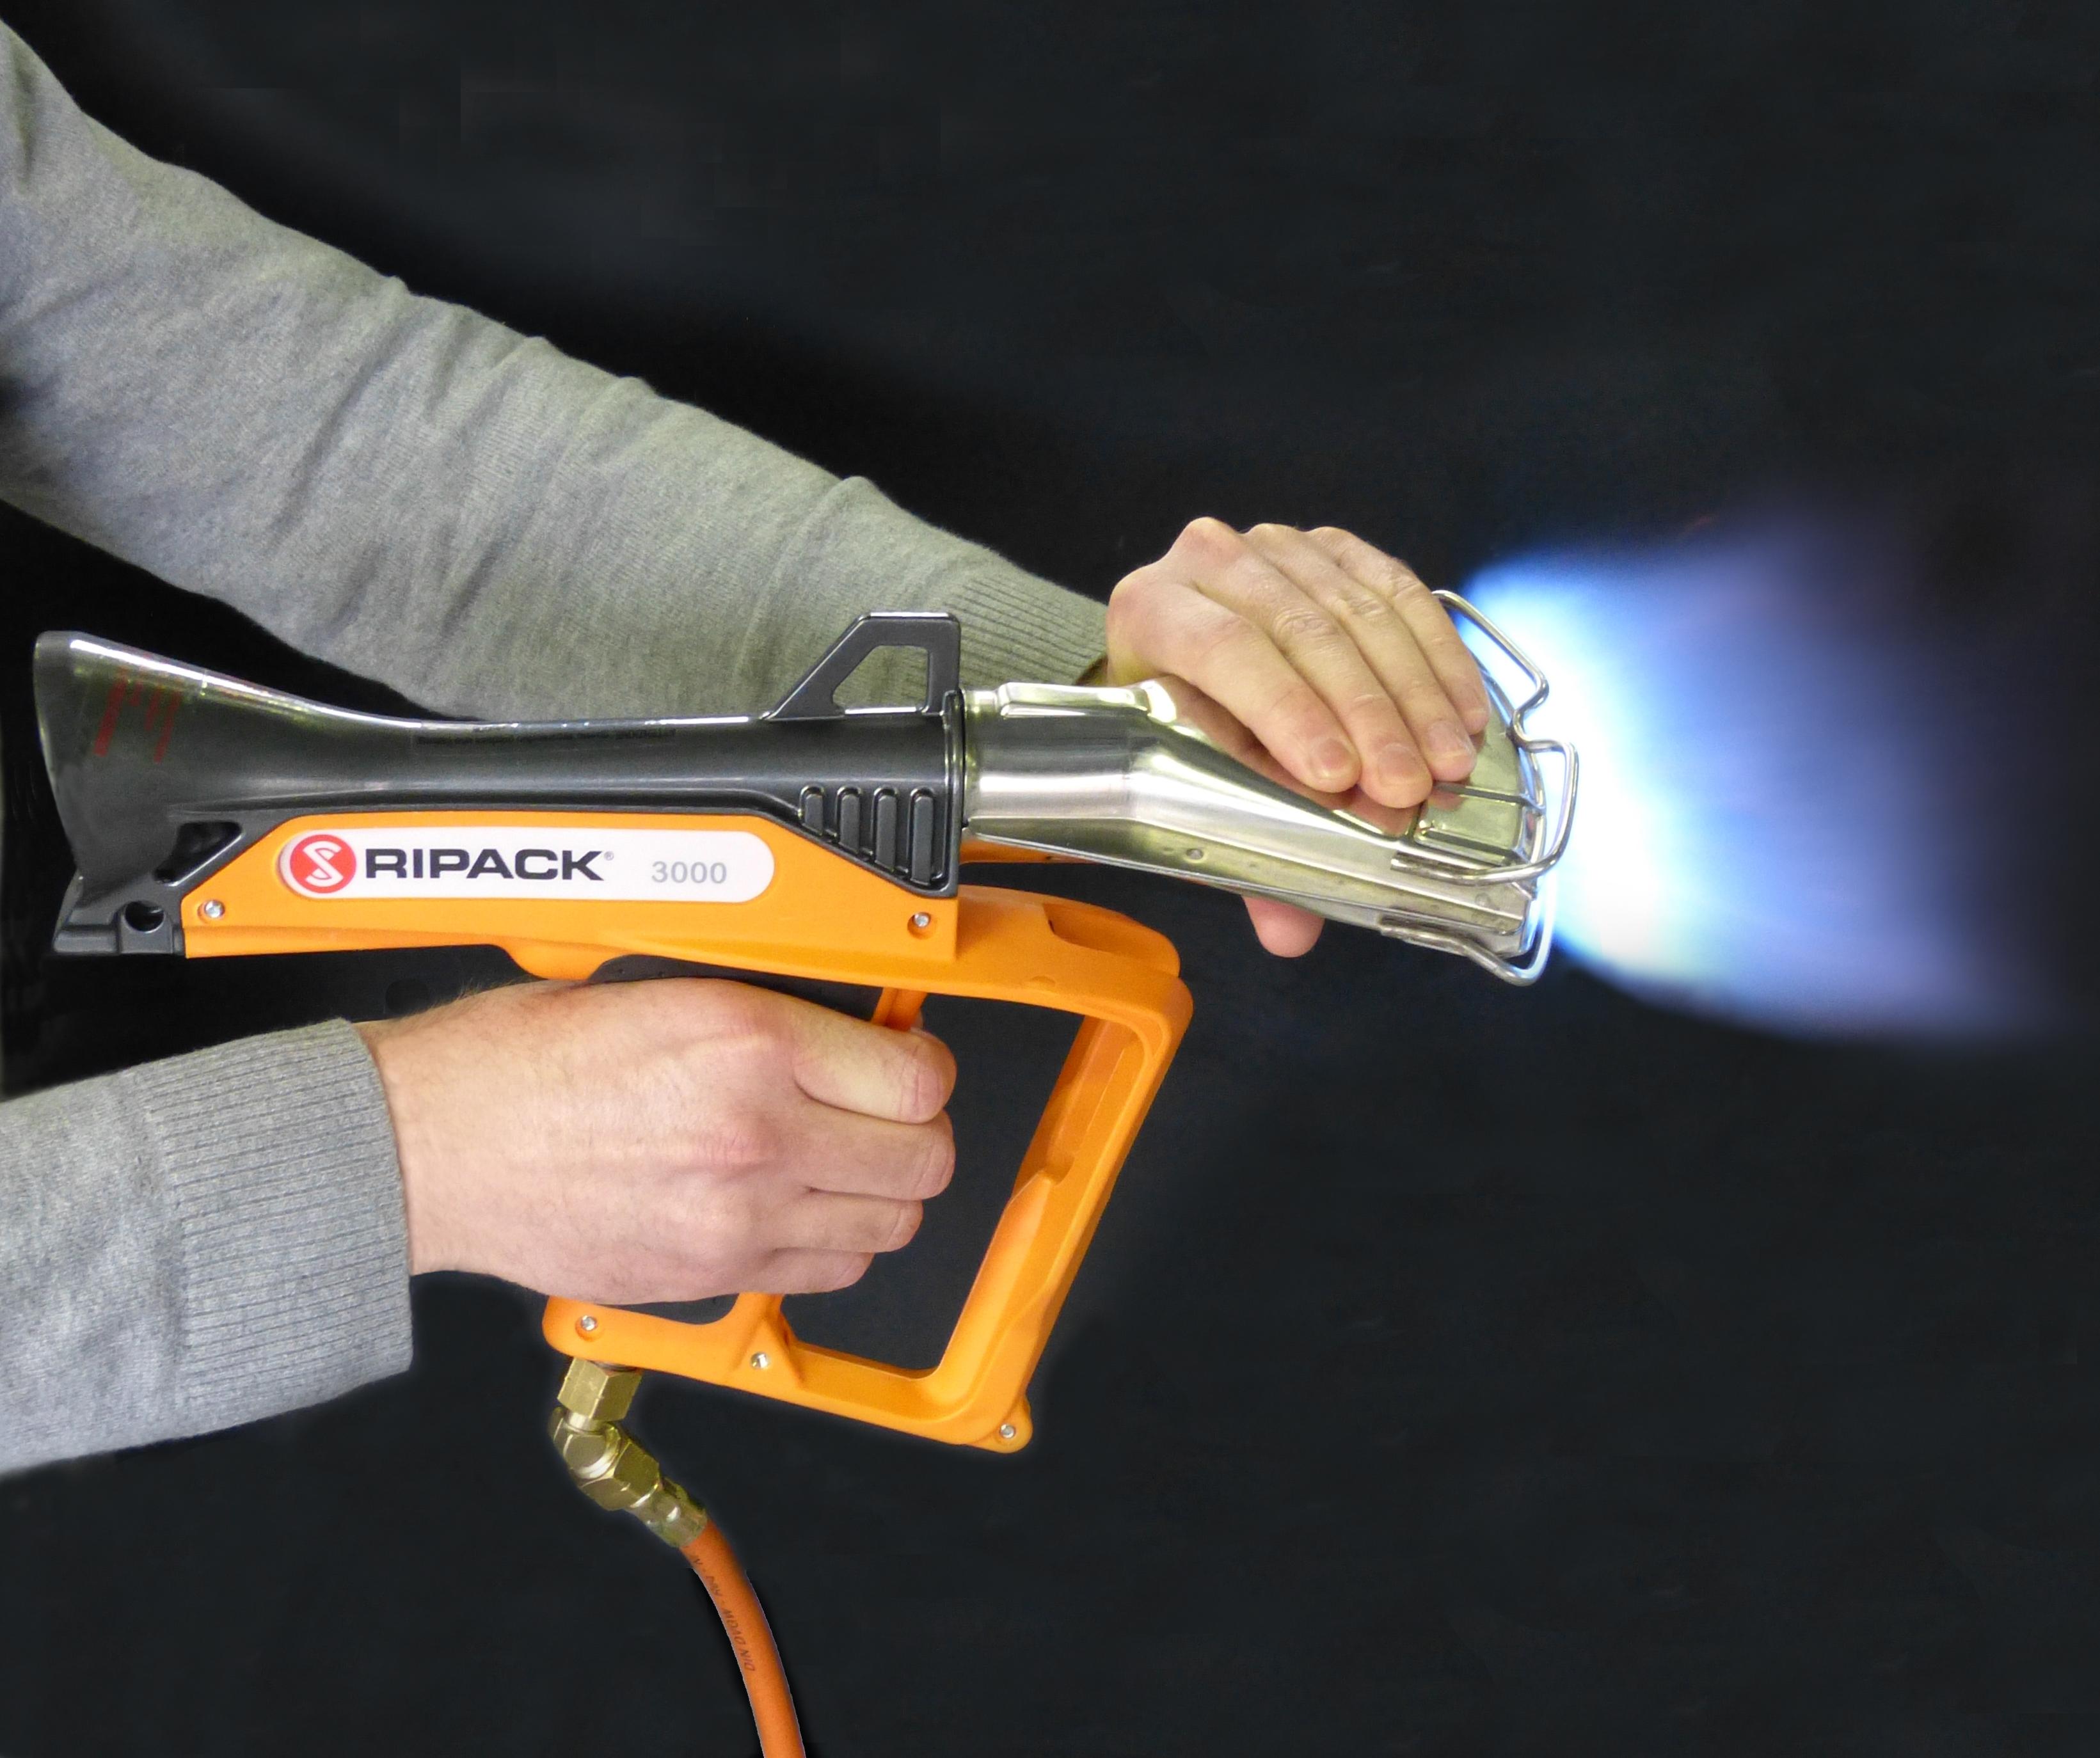 Ripack 3000 Heat Gun Propane Heat Tool